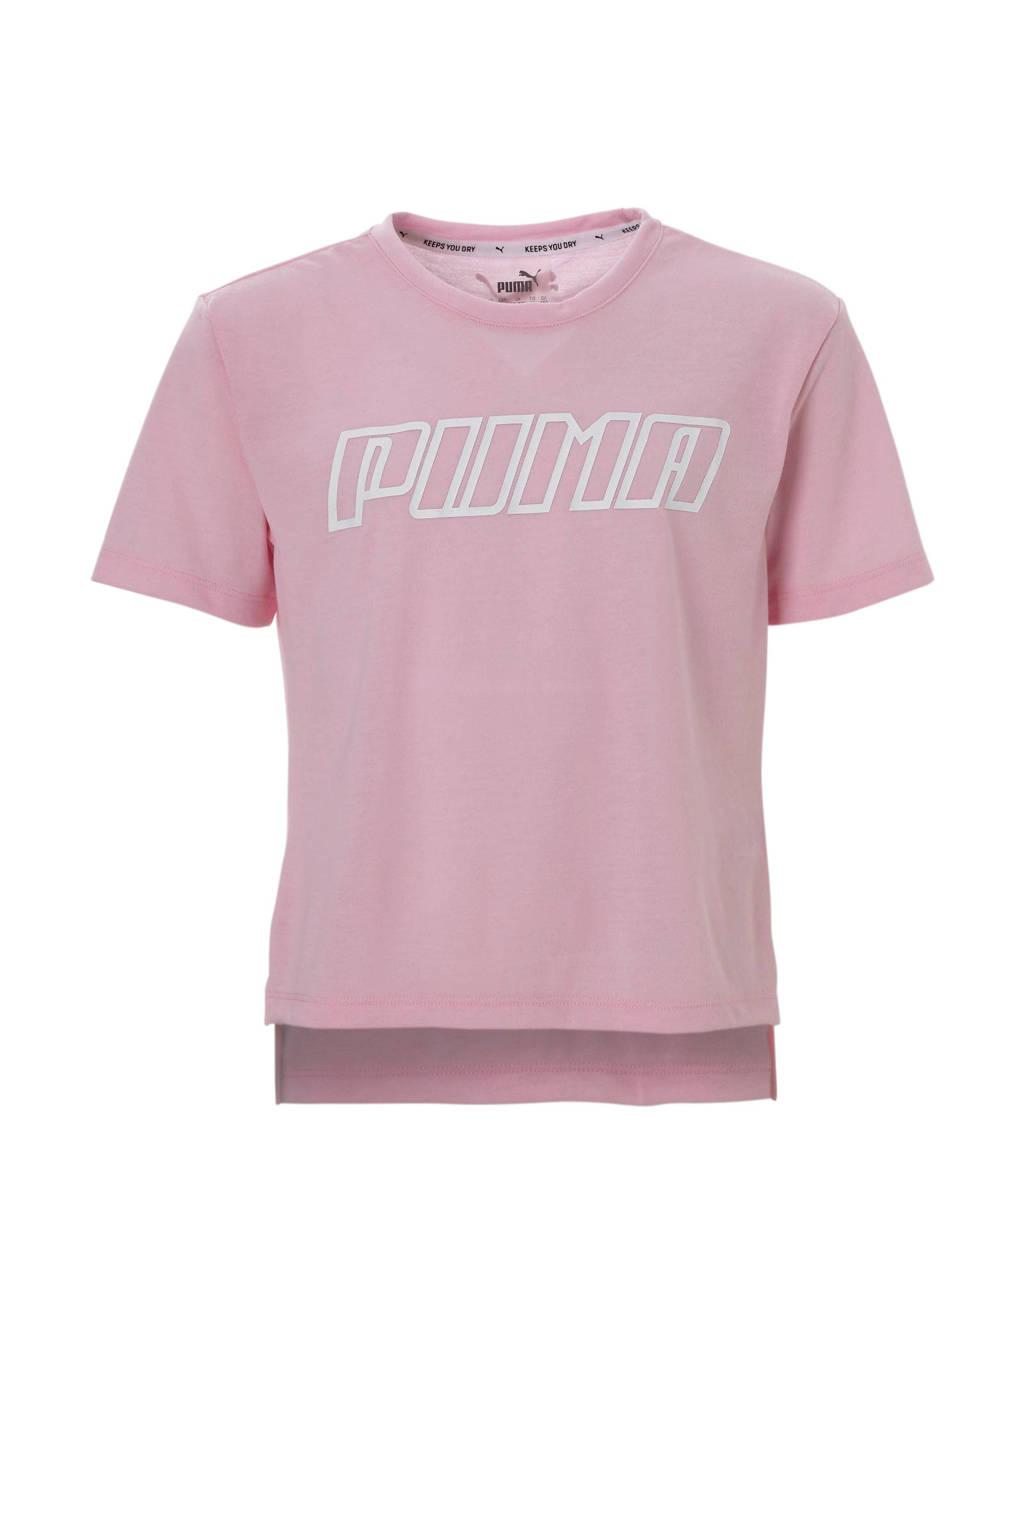 Puma T-shirt roze, Roze/wit